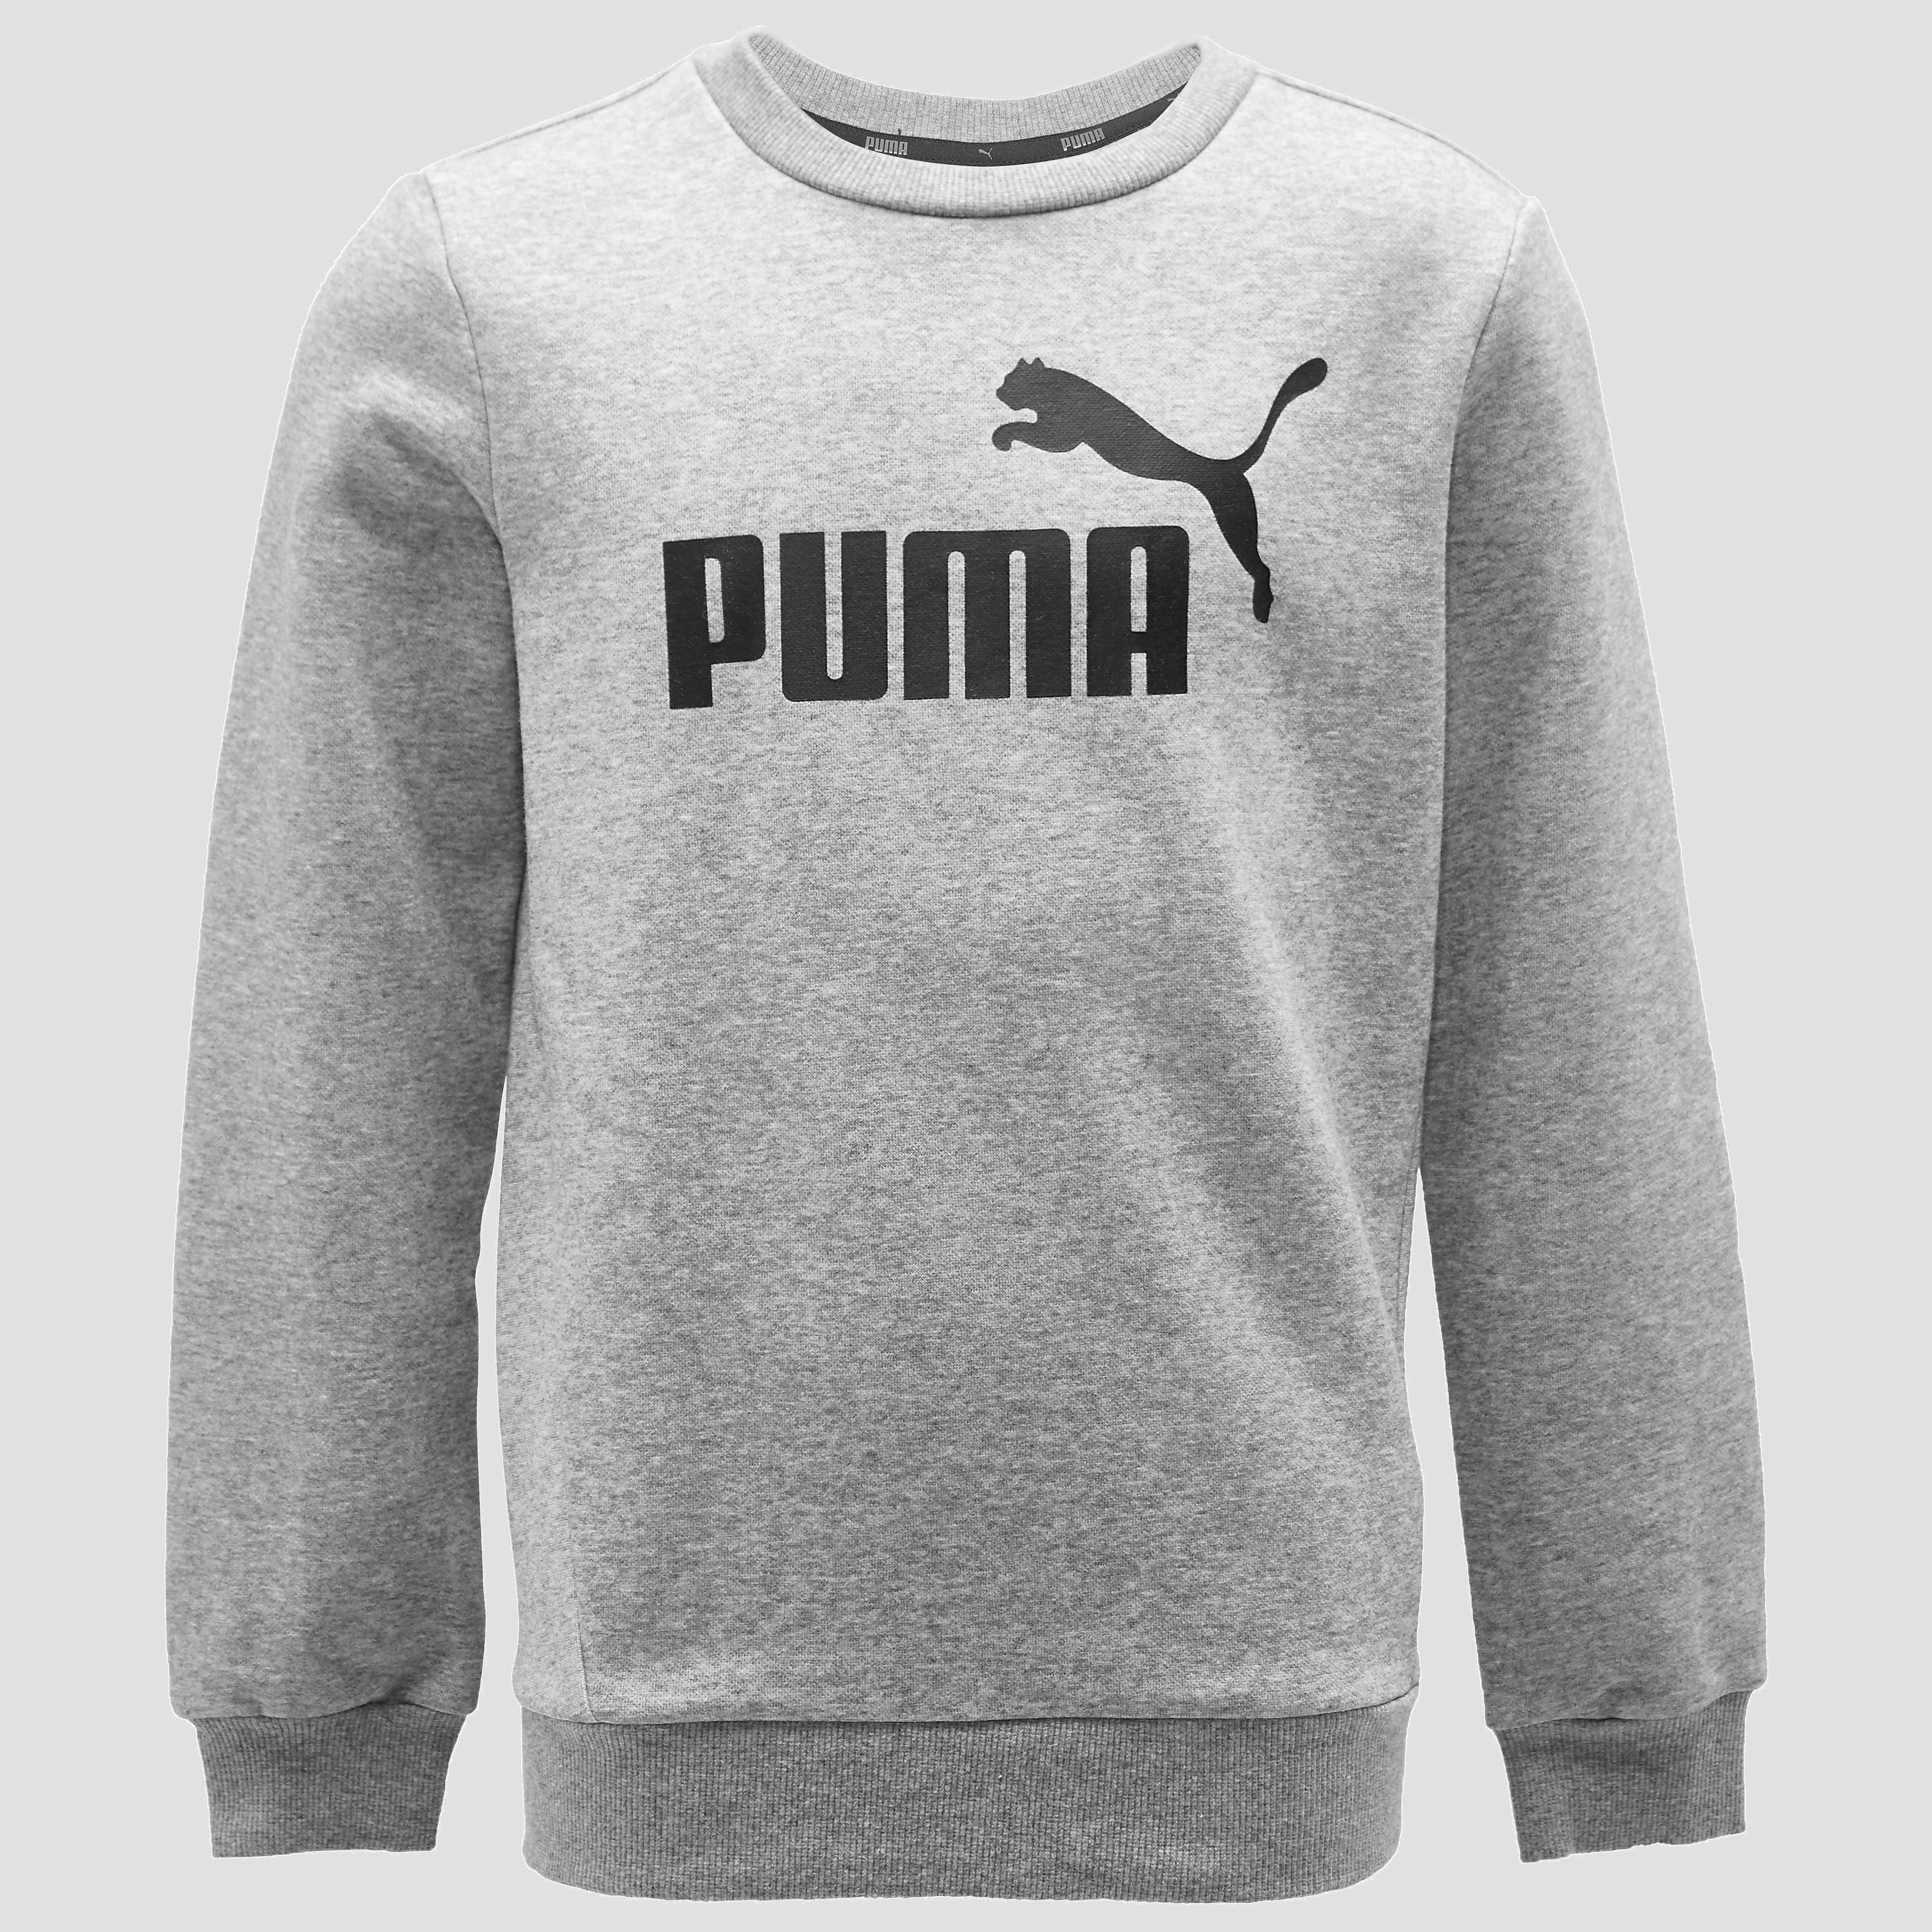 PUMA NO. 1 LOGO SWEATER JR